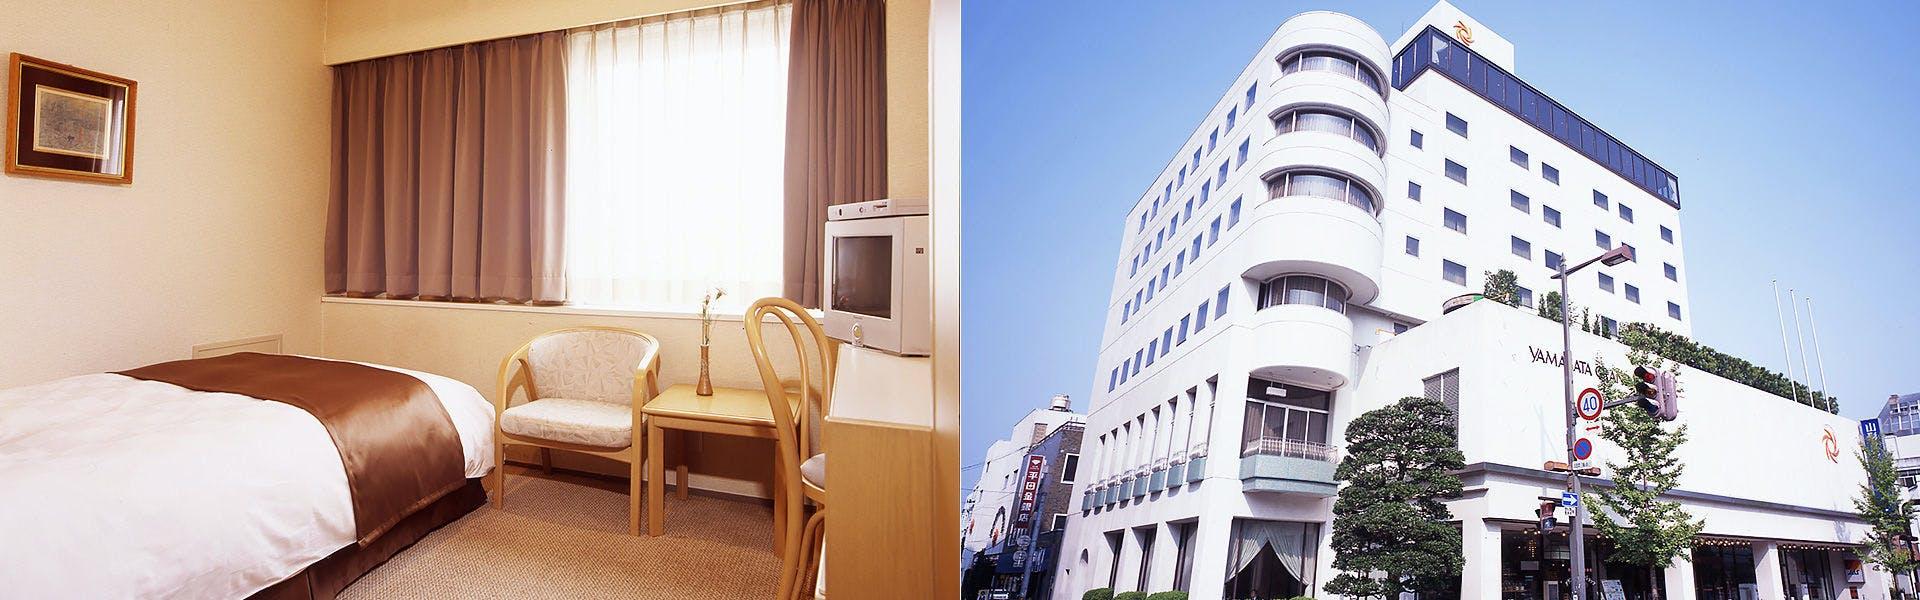 記念日におすすめのホテル・【山形グランドホテル】 の空室状況を確認するの写真3